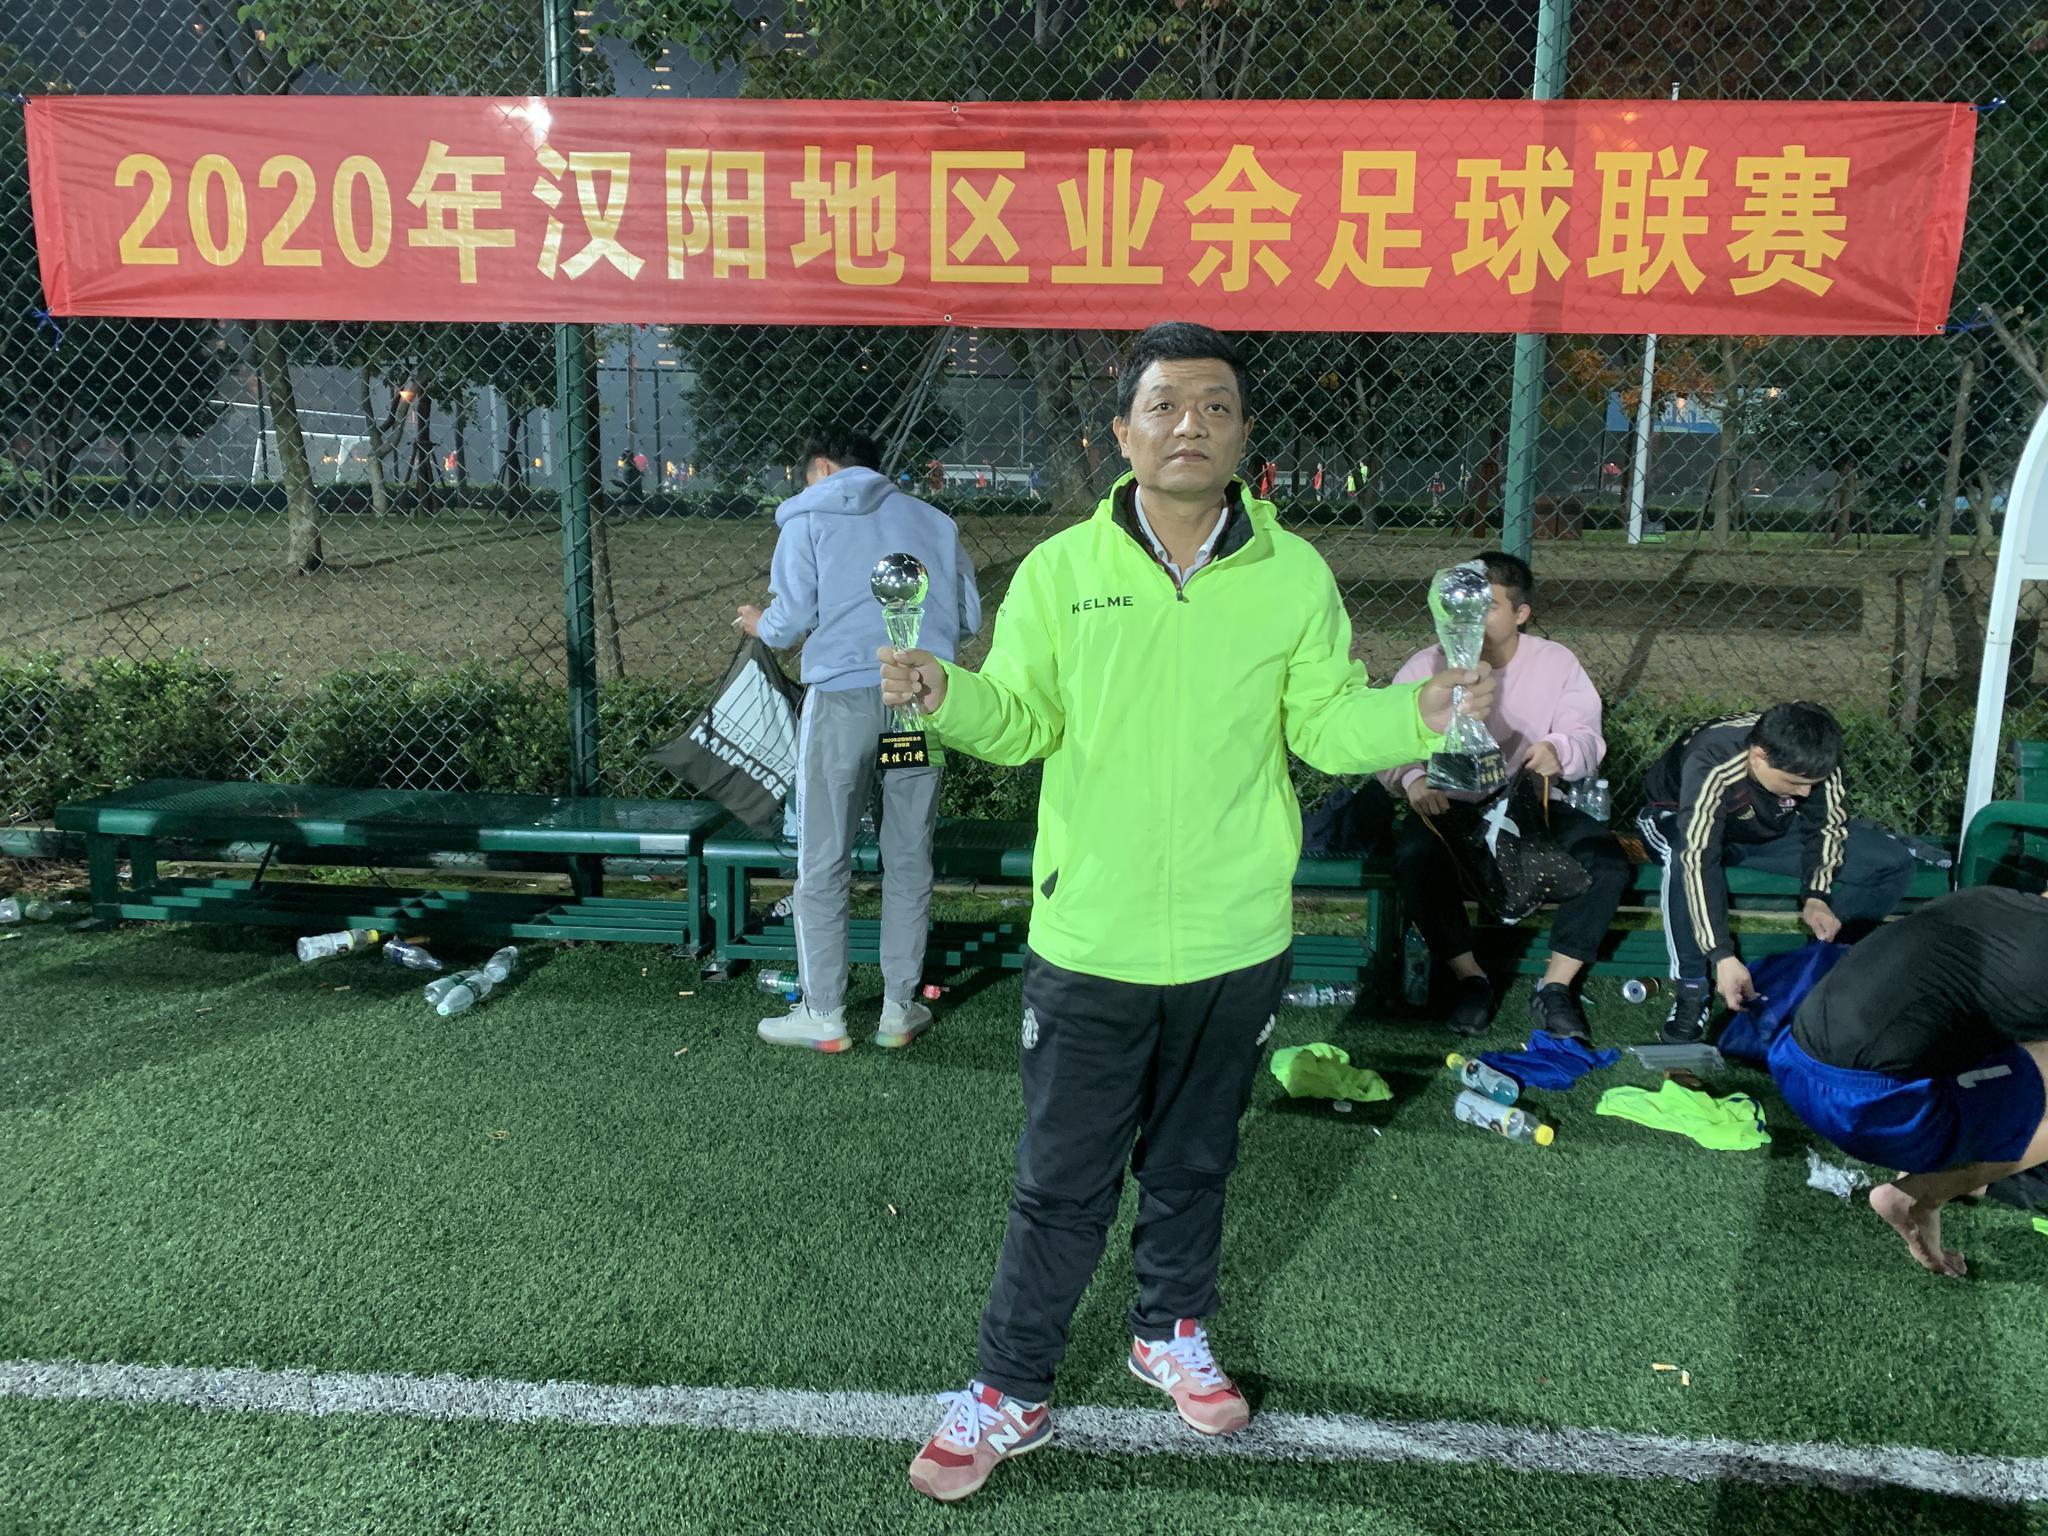 野球也激情!2020汉阳业余足球联赛最后一战!本届赛事圆满落幕